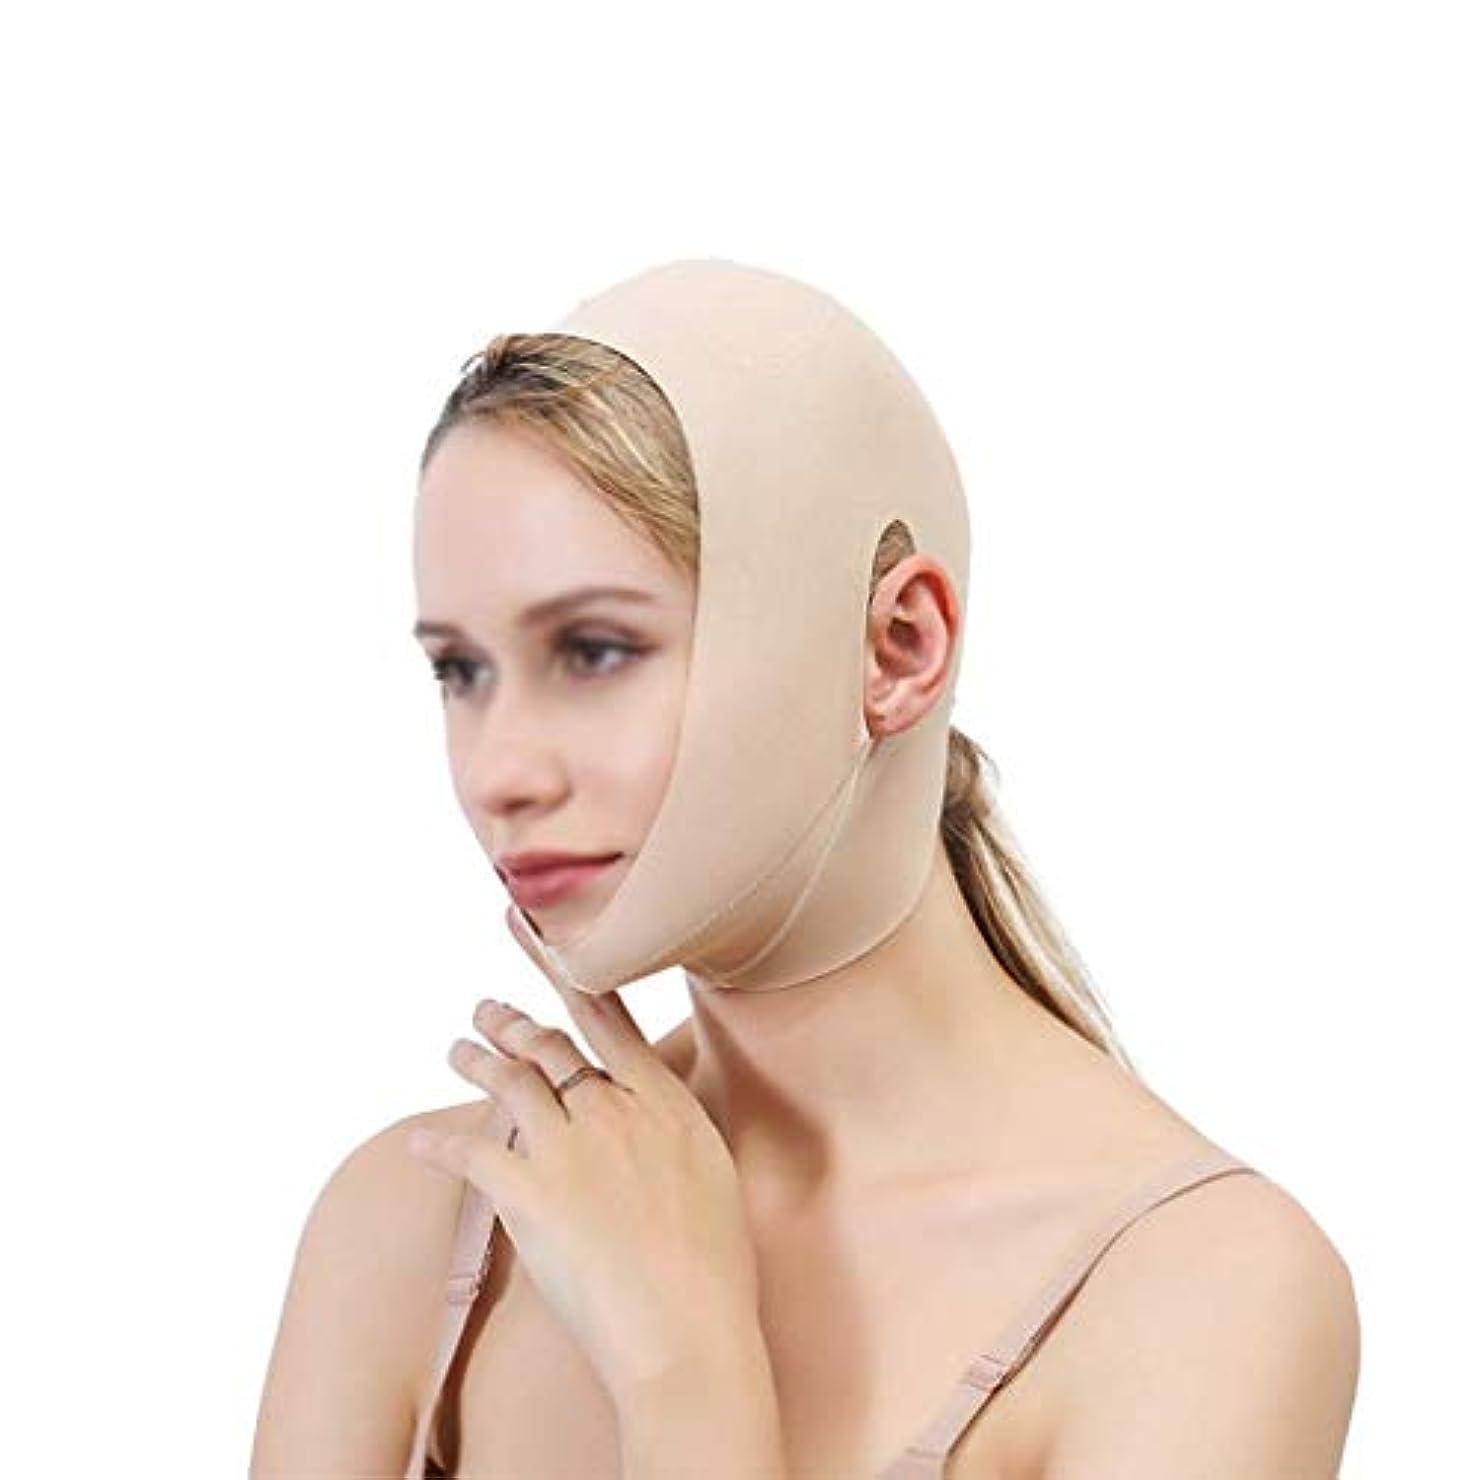 膨らみコントローラ聴覚チンリフティングベルト、フェイスリフティングに適し、チンリフティングベルト、薄型、通気性、フェイシャル減量